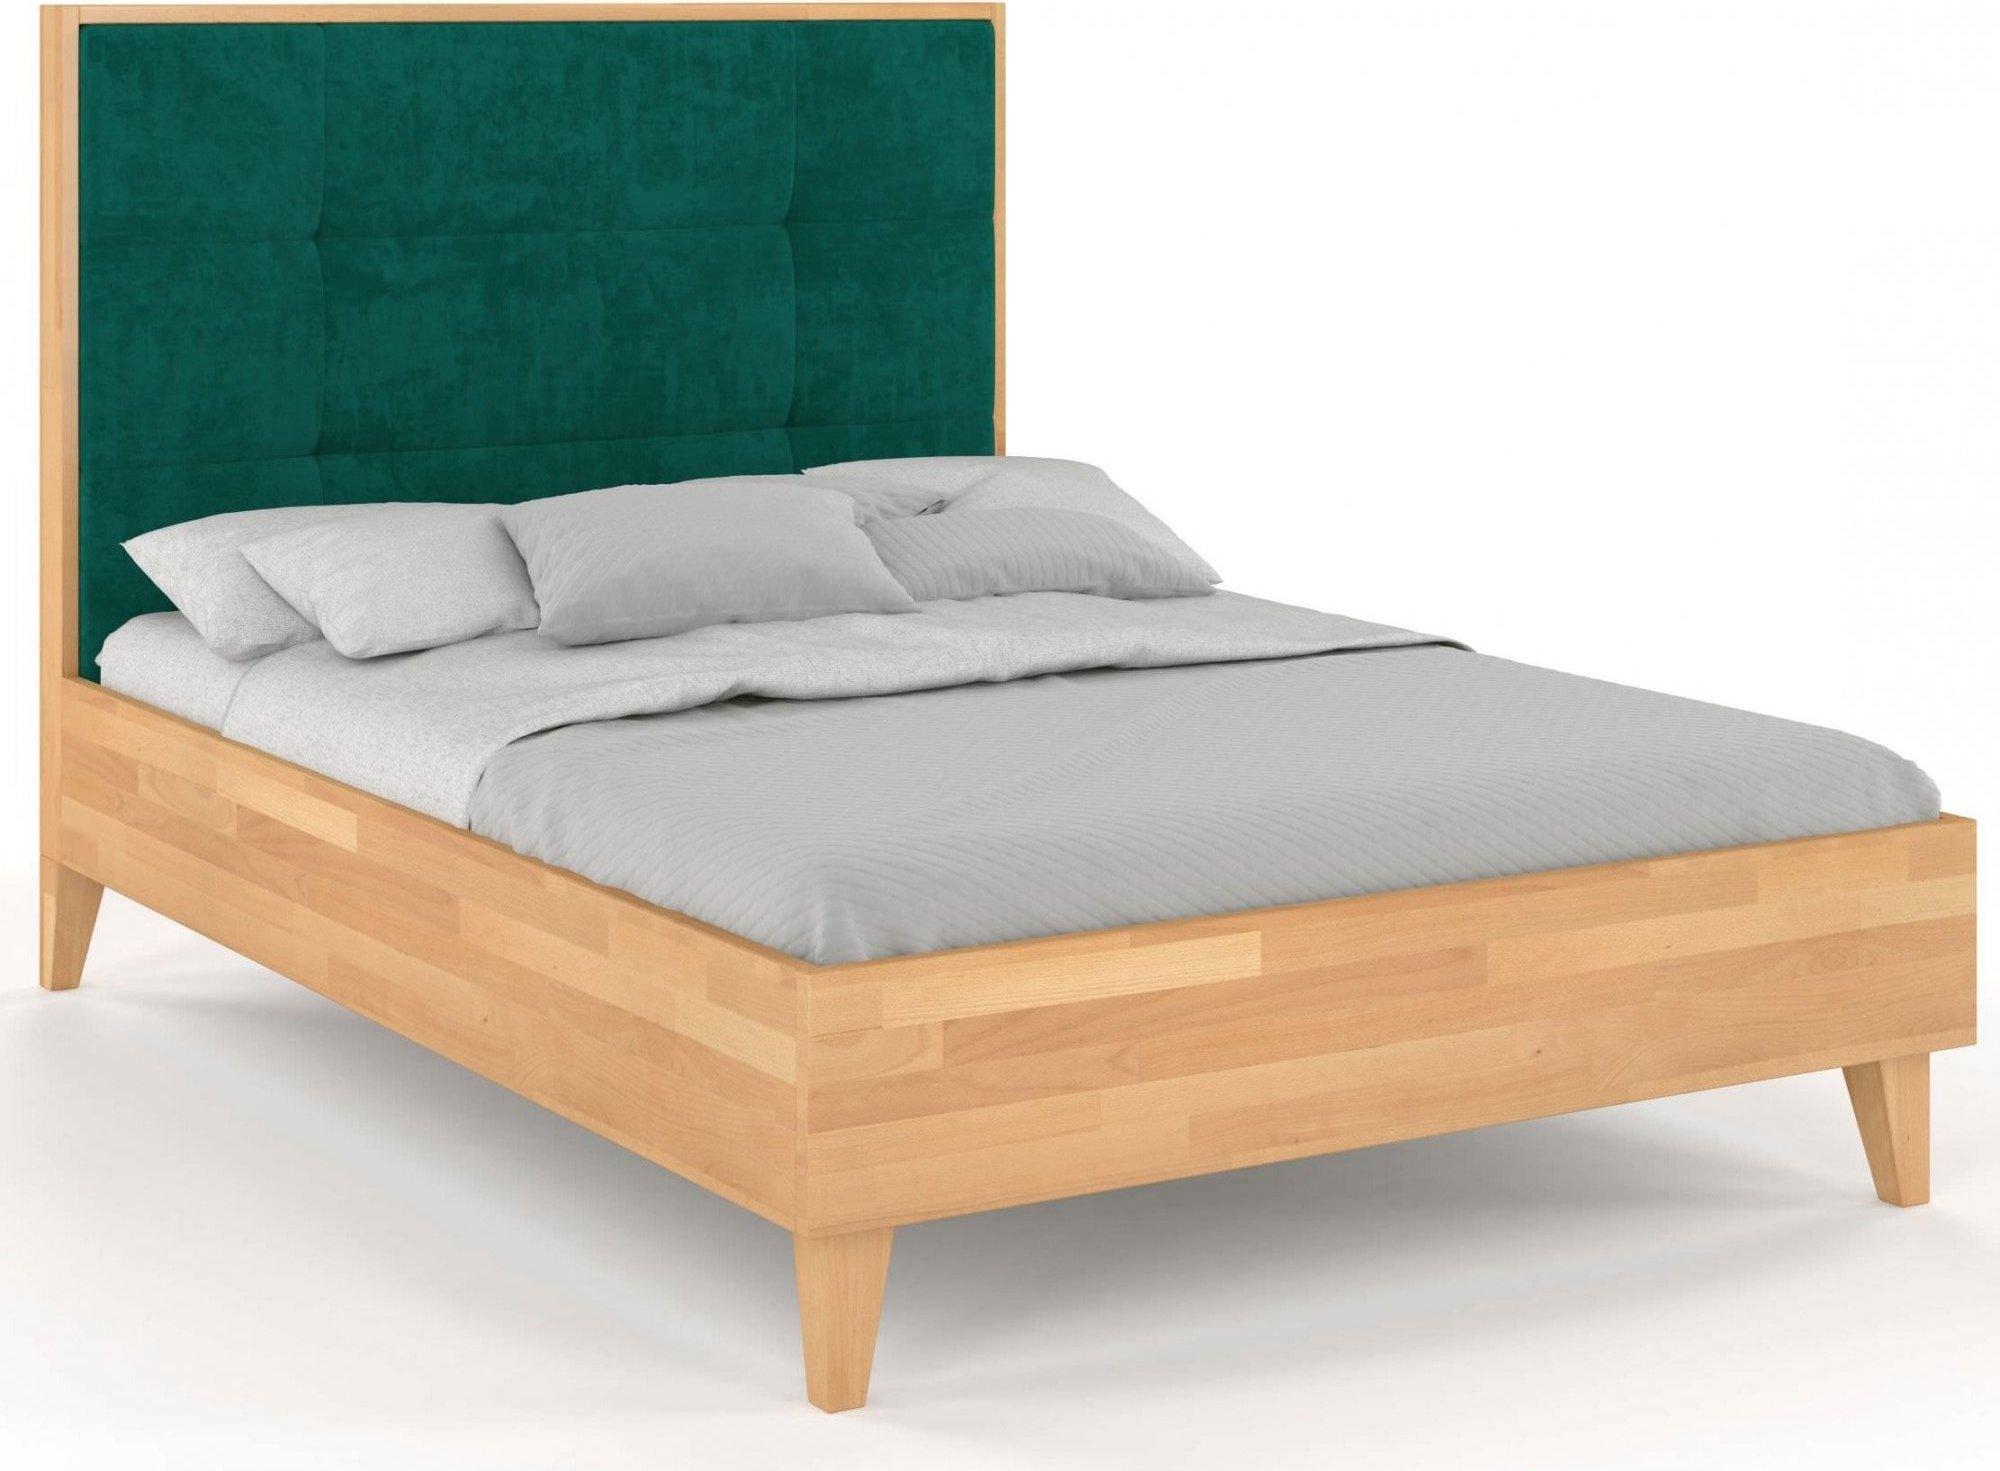 Lit avec tête de lit sommier hêtre massif vert 140x200cm